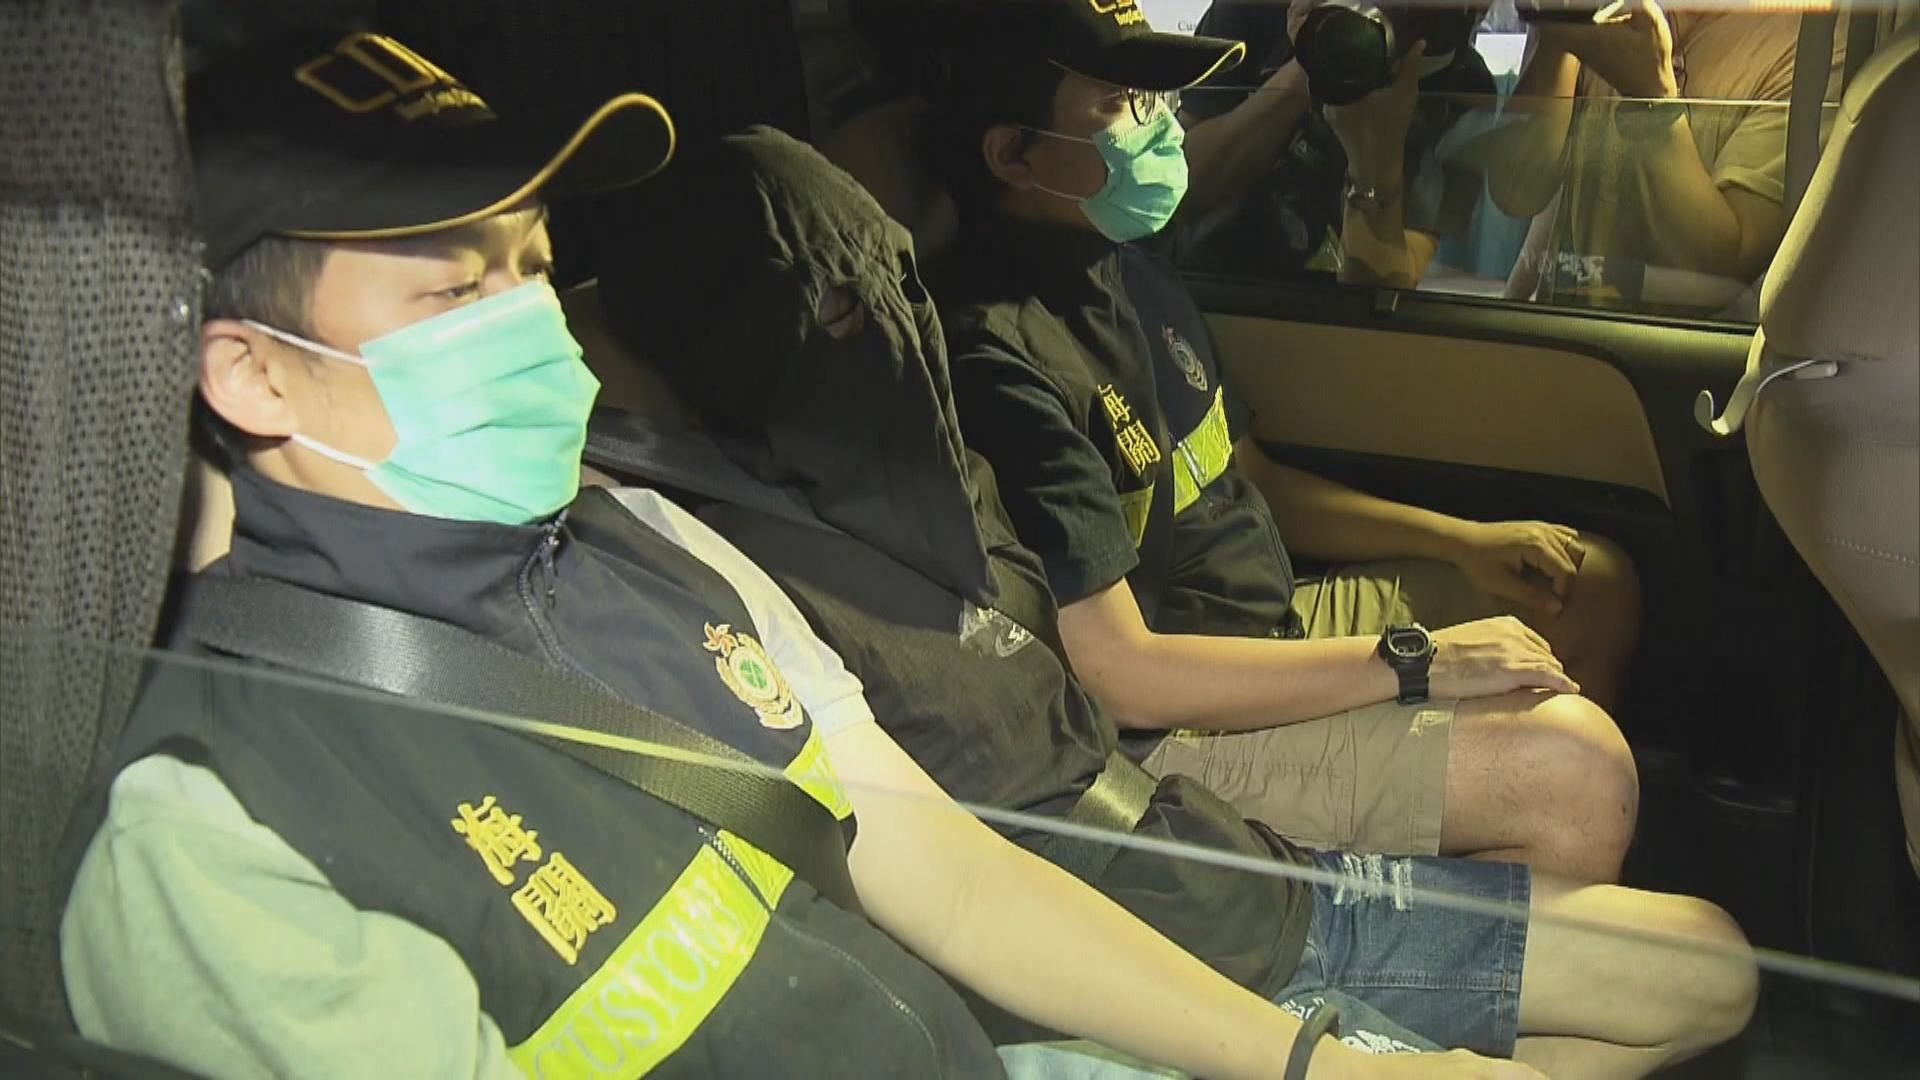 海關機場檢市值逾千萬元可卡因 拘捕一名男子